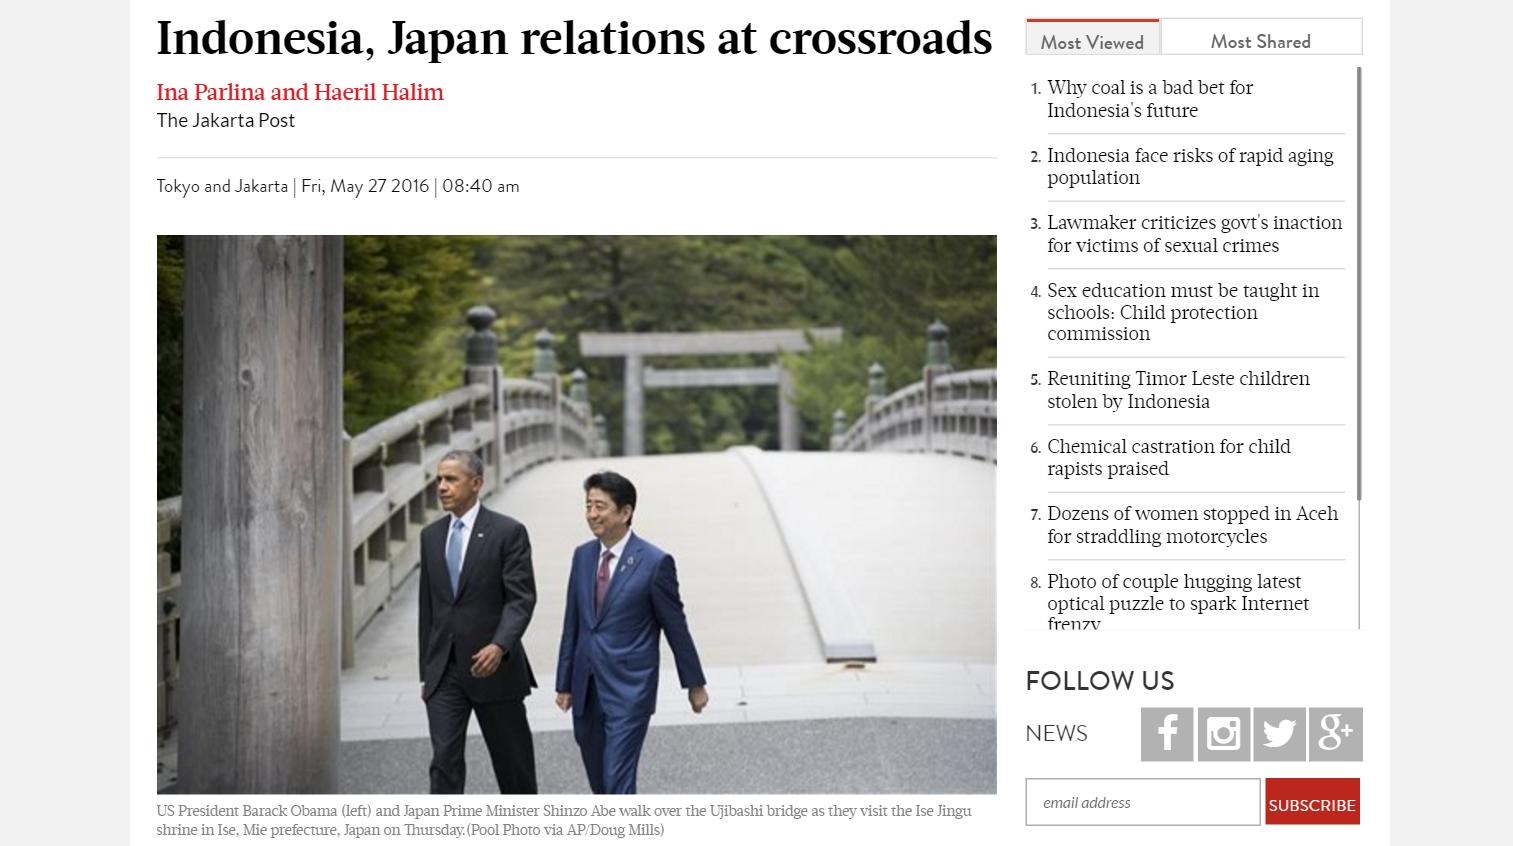 """Un vent nouveau souffle sur les relations nippo-indonésiennes, en marge du G7. Copie d'écran du """"Jakarta Post"""", le 27 mai 2016."""